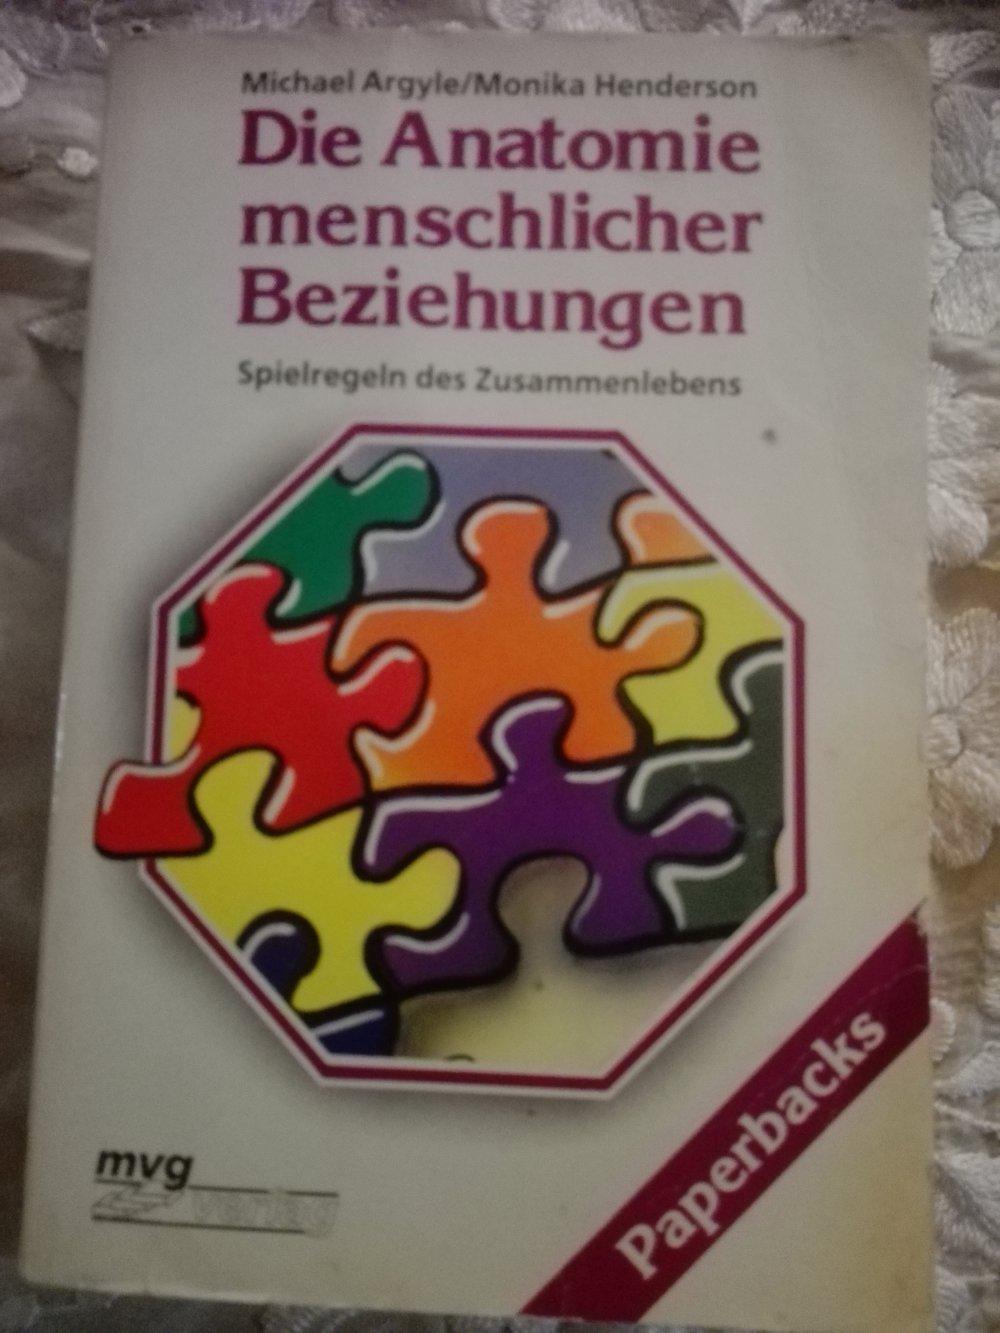 Die Anatomie menschlicher Beziehungen :: Kleiderkorb.ch